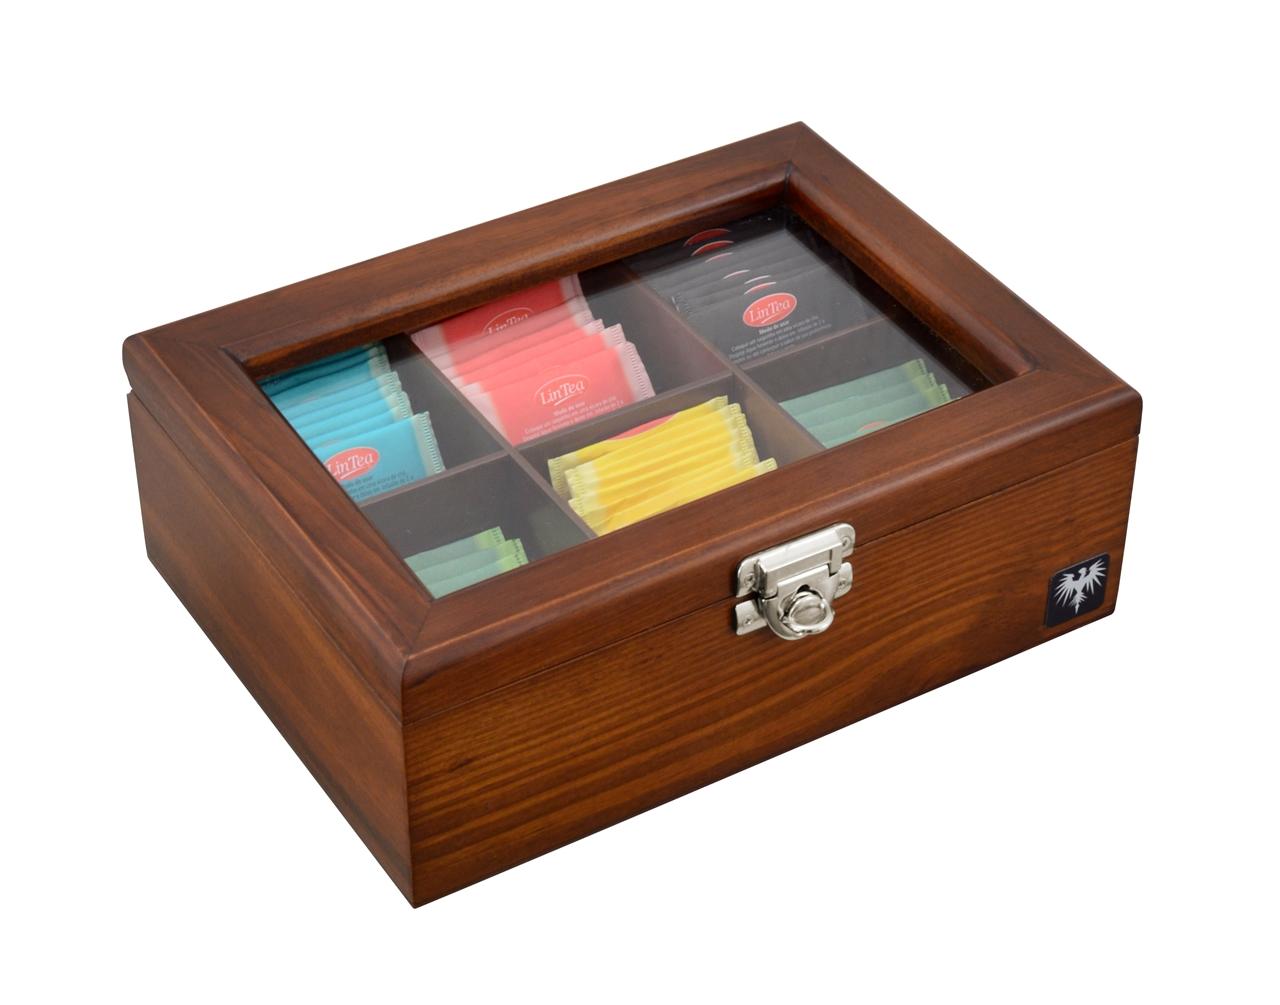 porta-cha-6-casulos-madeira-macica-tabaco-caixa-de-cha-imagem-2.JPG